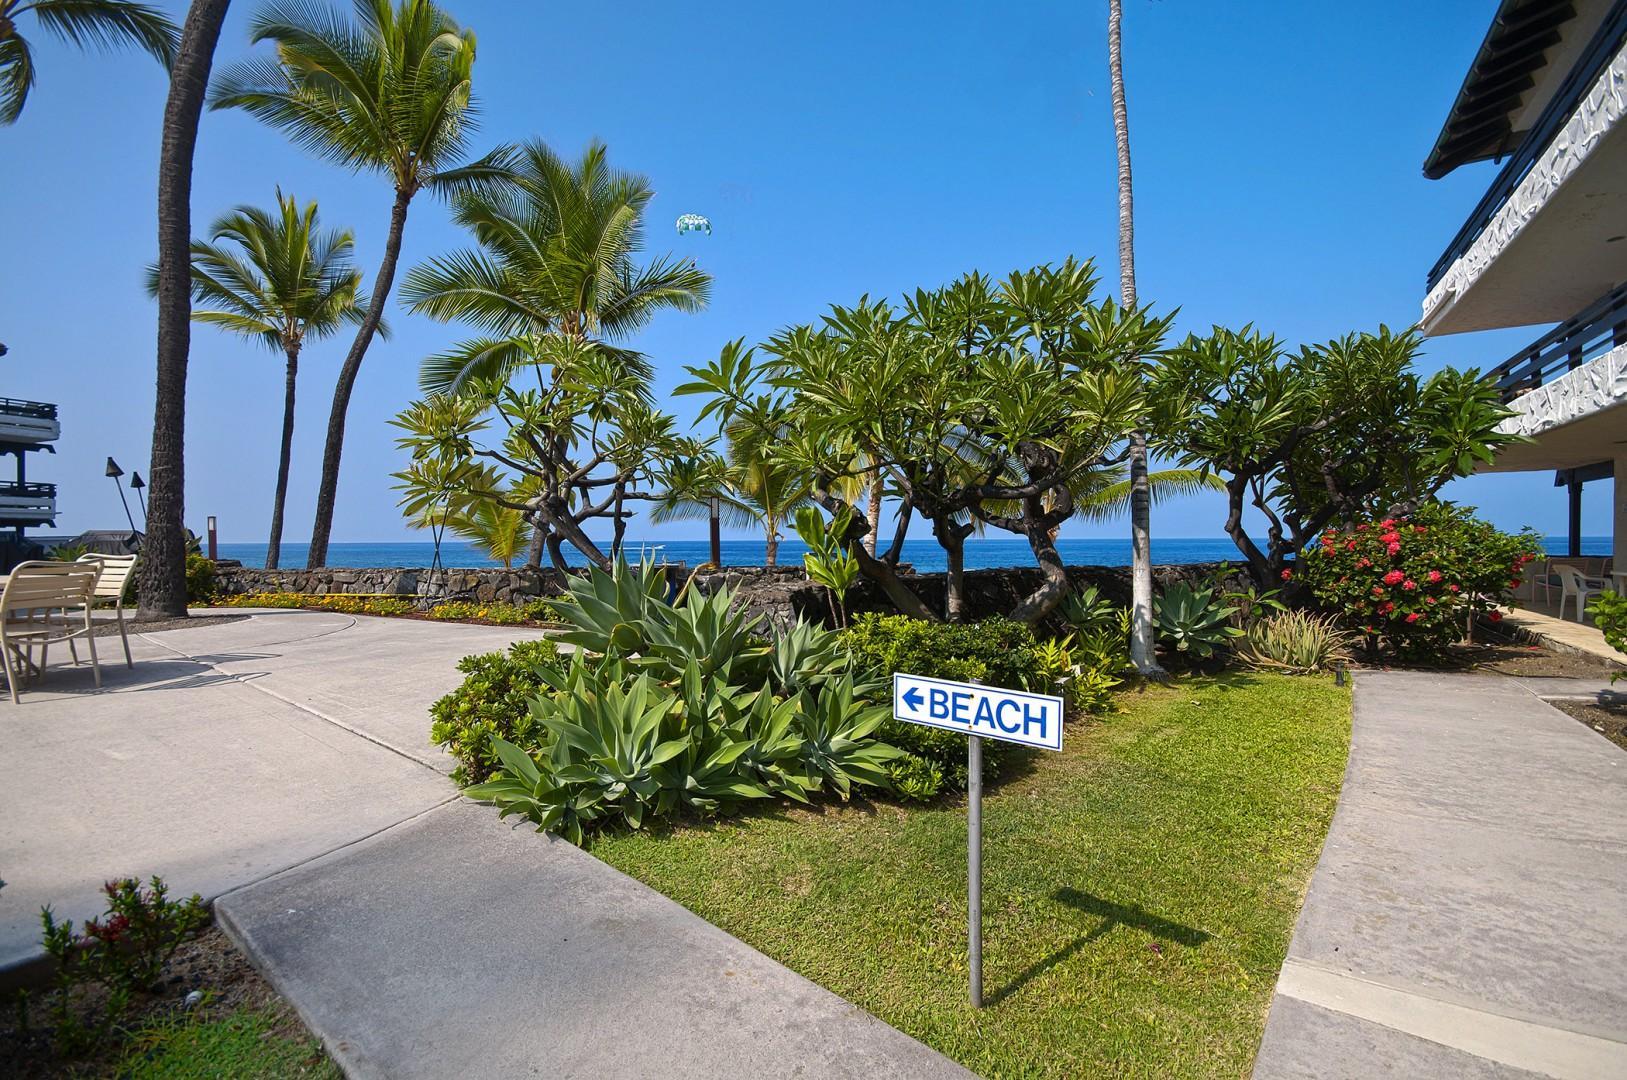 Man made beach access signs